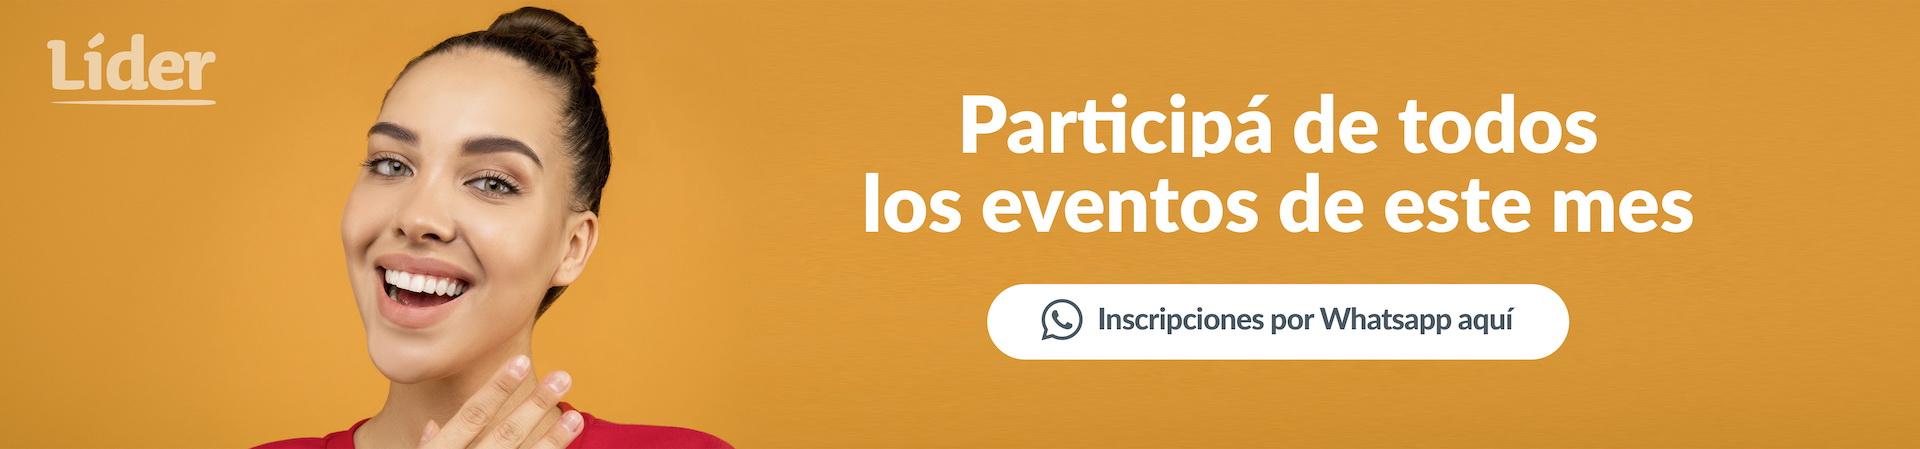 Participá de todos los eventos de este mes. Inscribite por WhatsApp